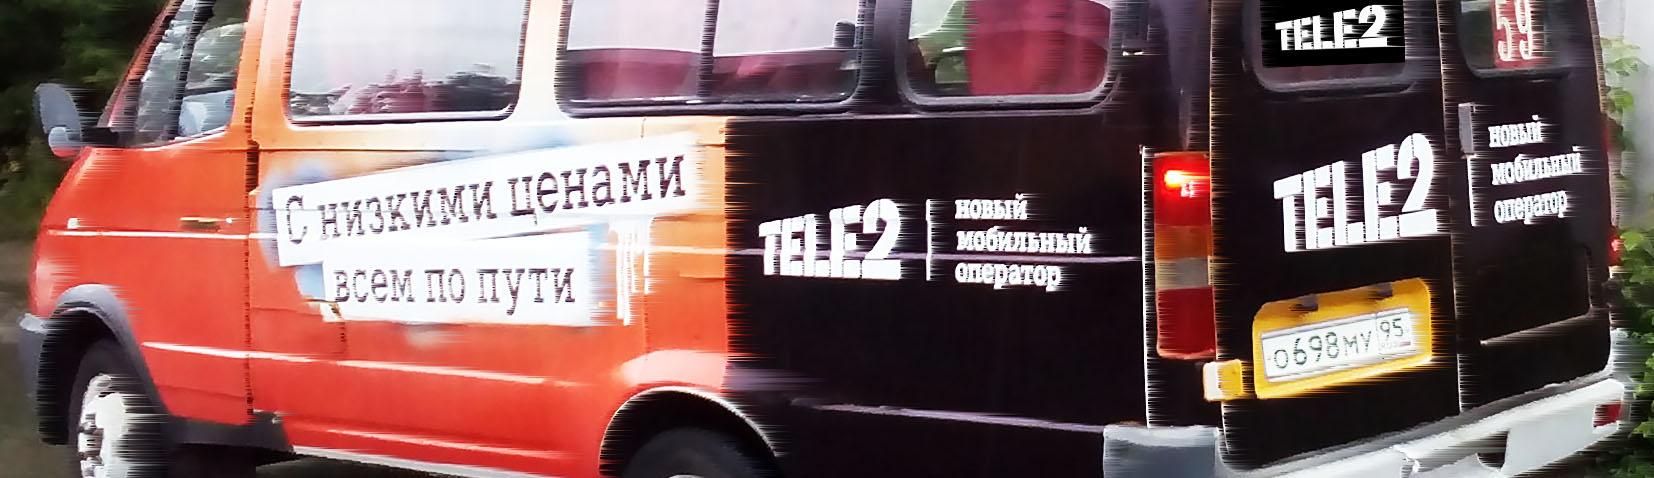 Размещение рекламы на транспорте Грозный